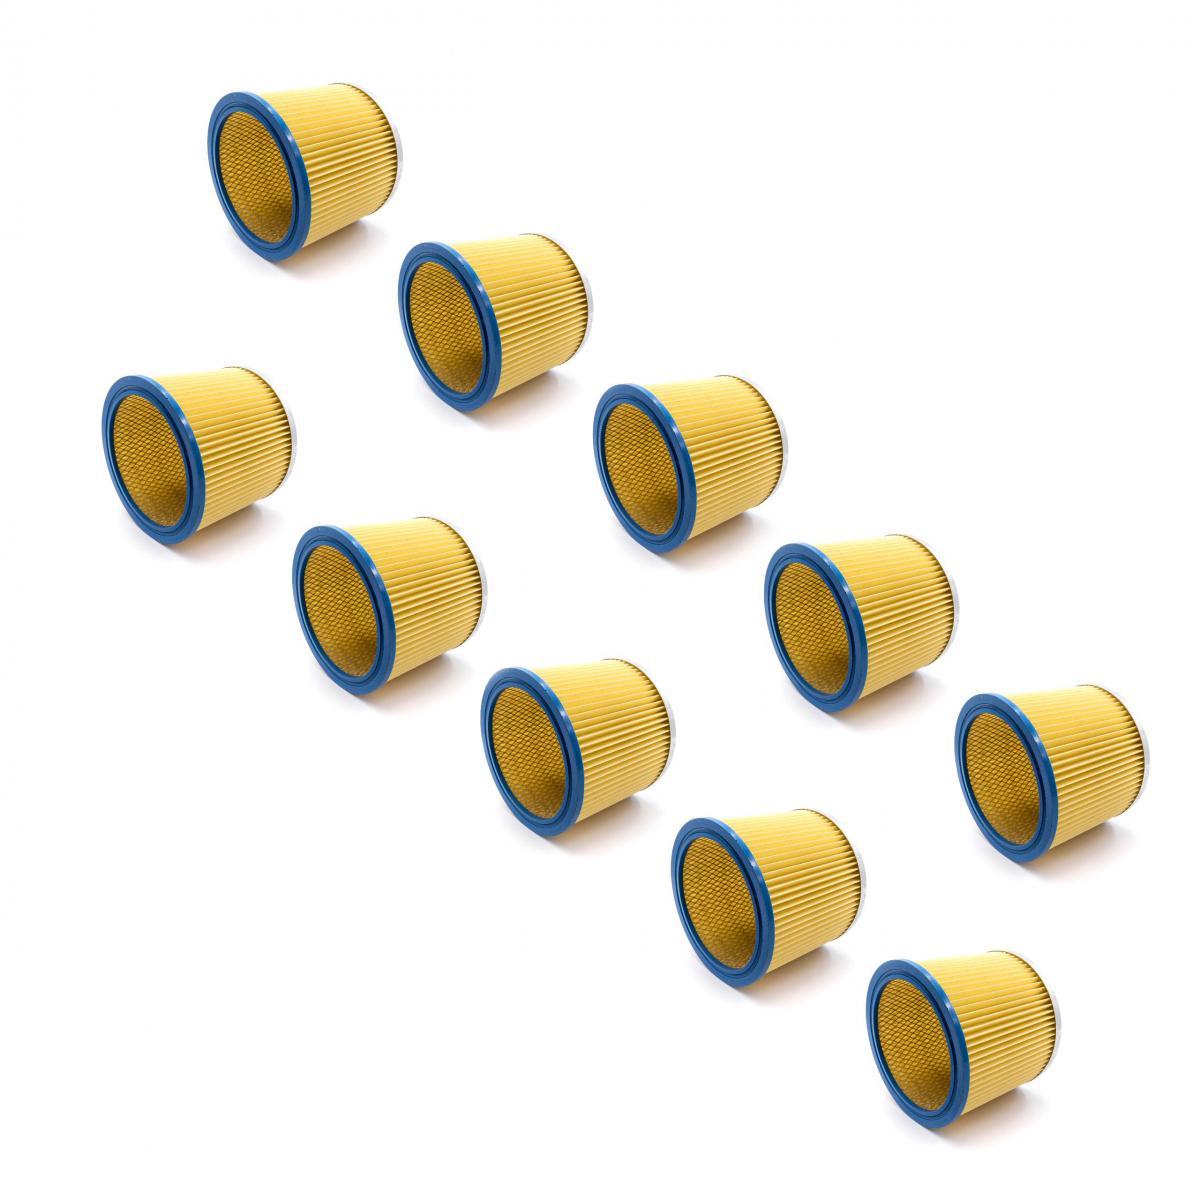 Vhbw vhbw 10x Filtre rond / filtre en lamelles pour aspirateur Herkules 4001, 6309 P